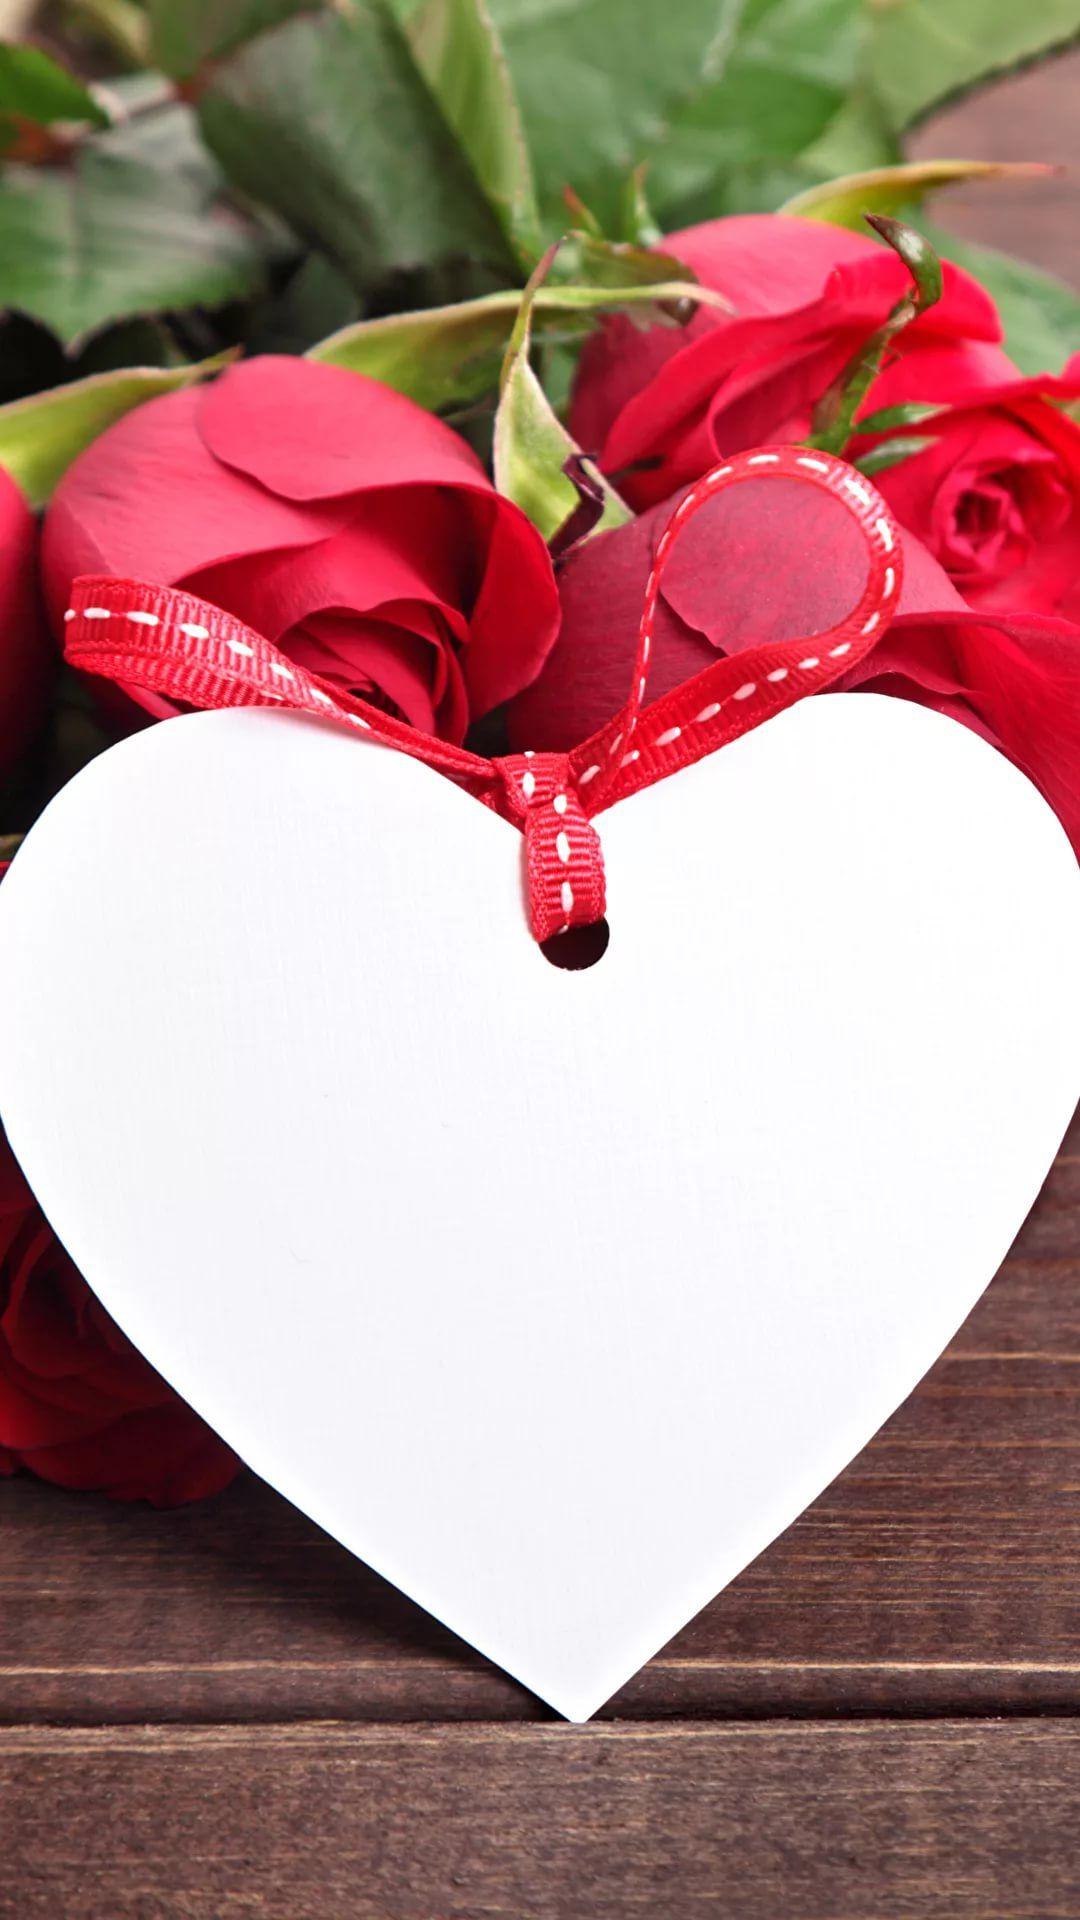 Cute Love iOS 11 wallpaper